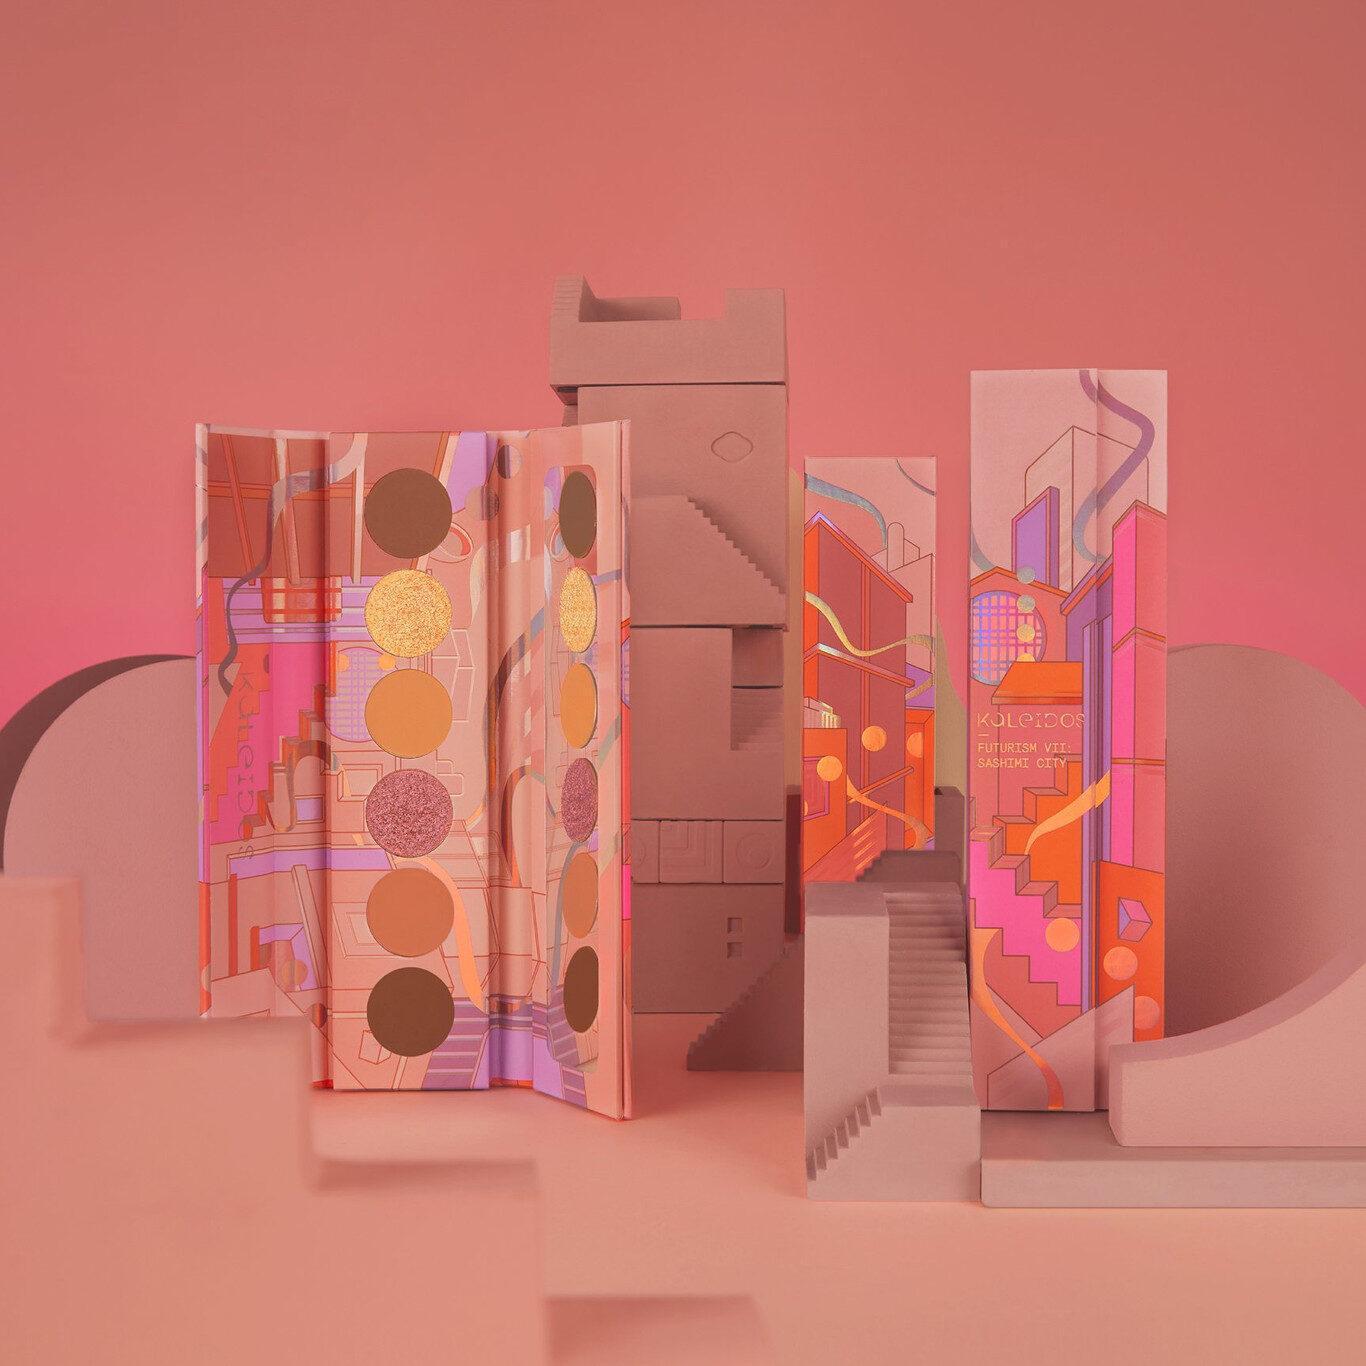 Kaleidos Makeup The Fresh Fantasy Collection Futurism VII Sashimi City Eyeshadow Palette Promo